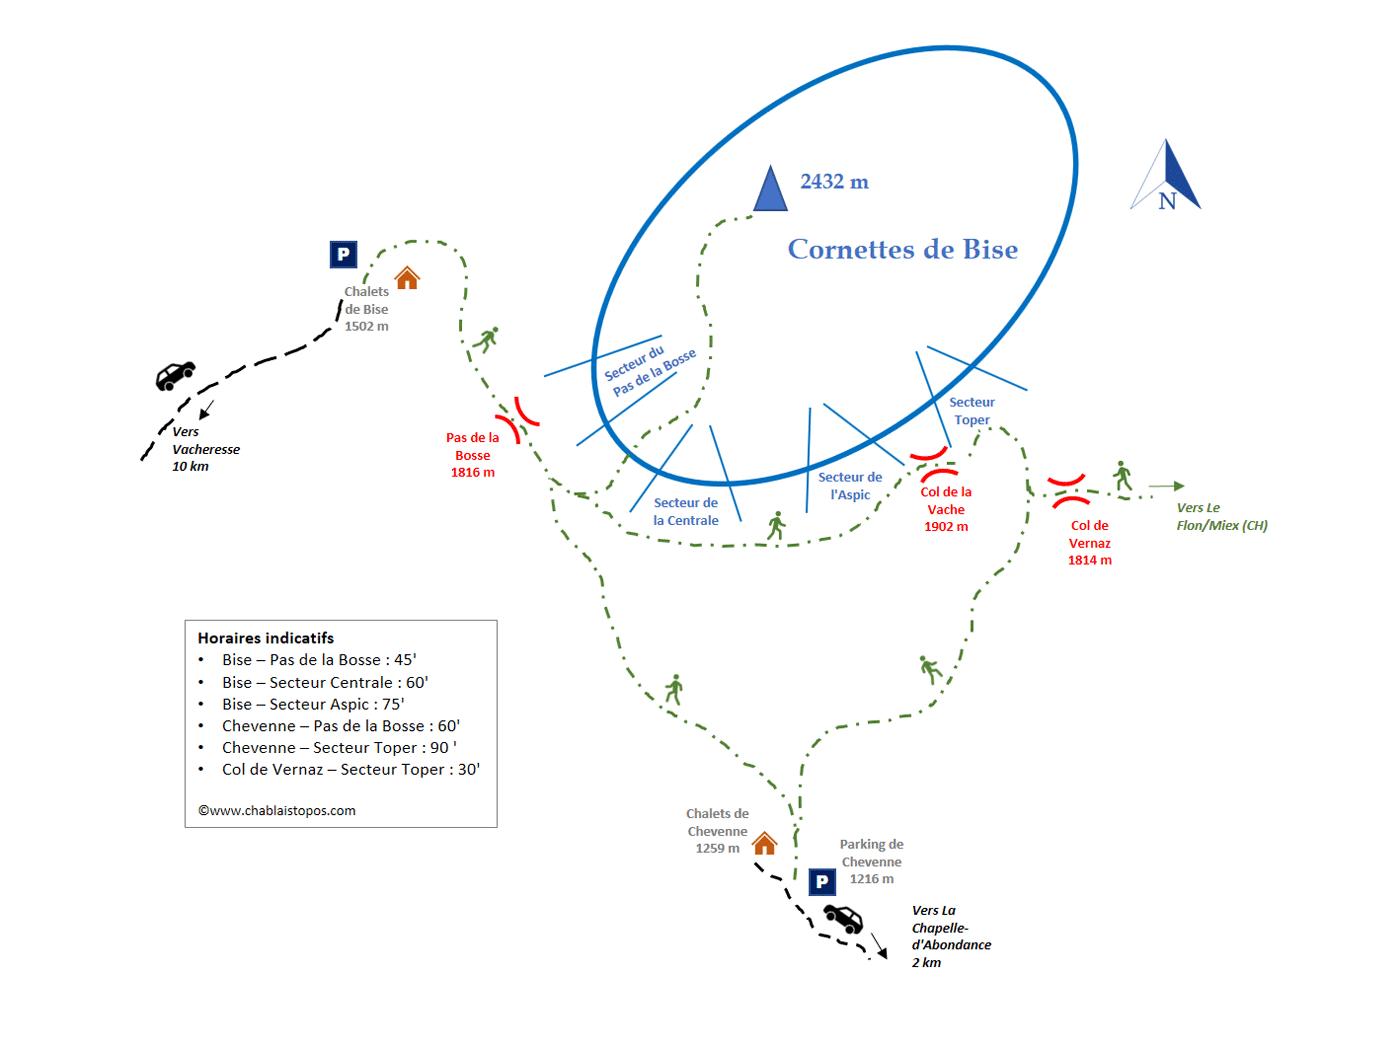 Cornettes de Bise / Accès général